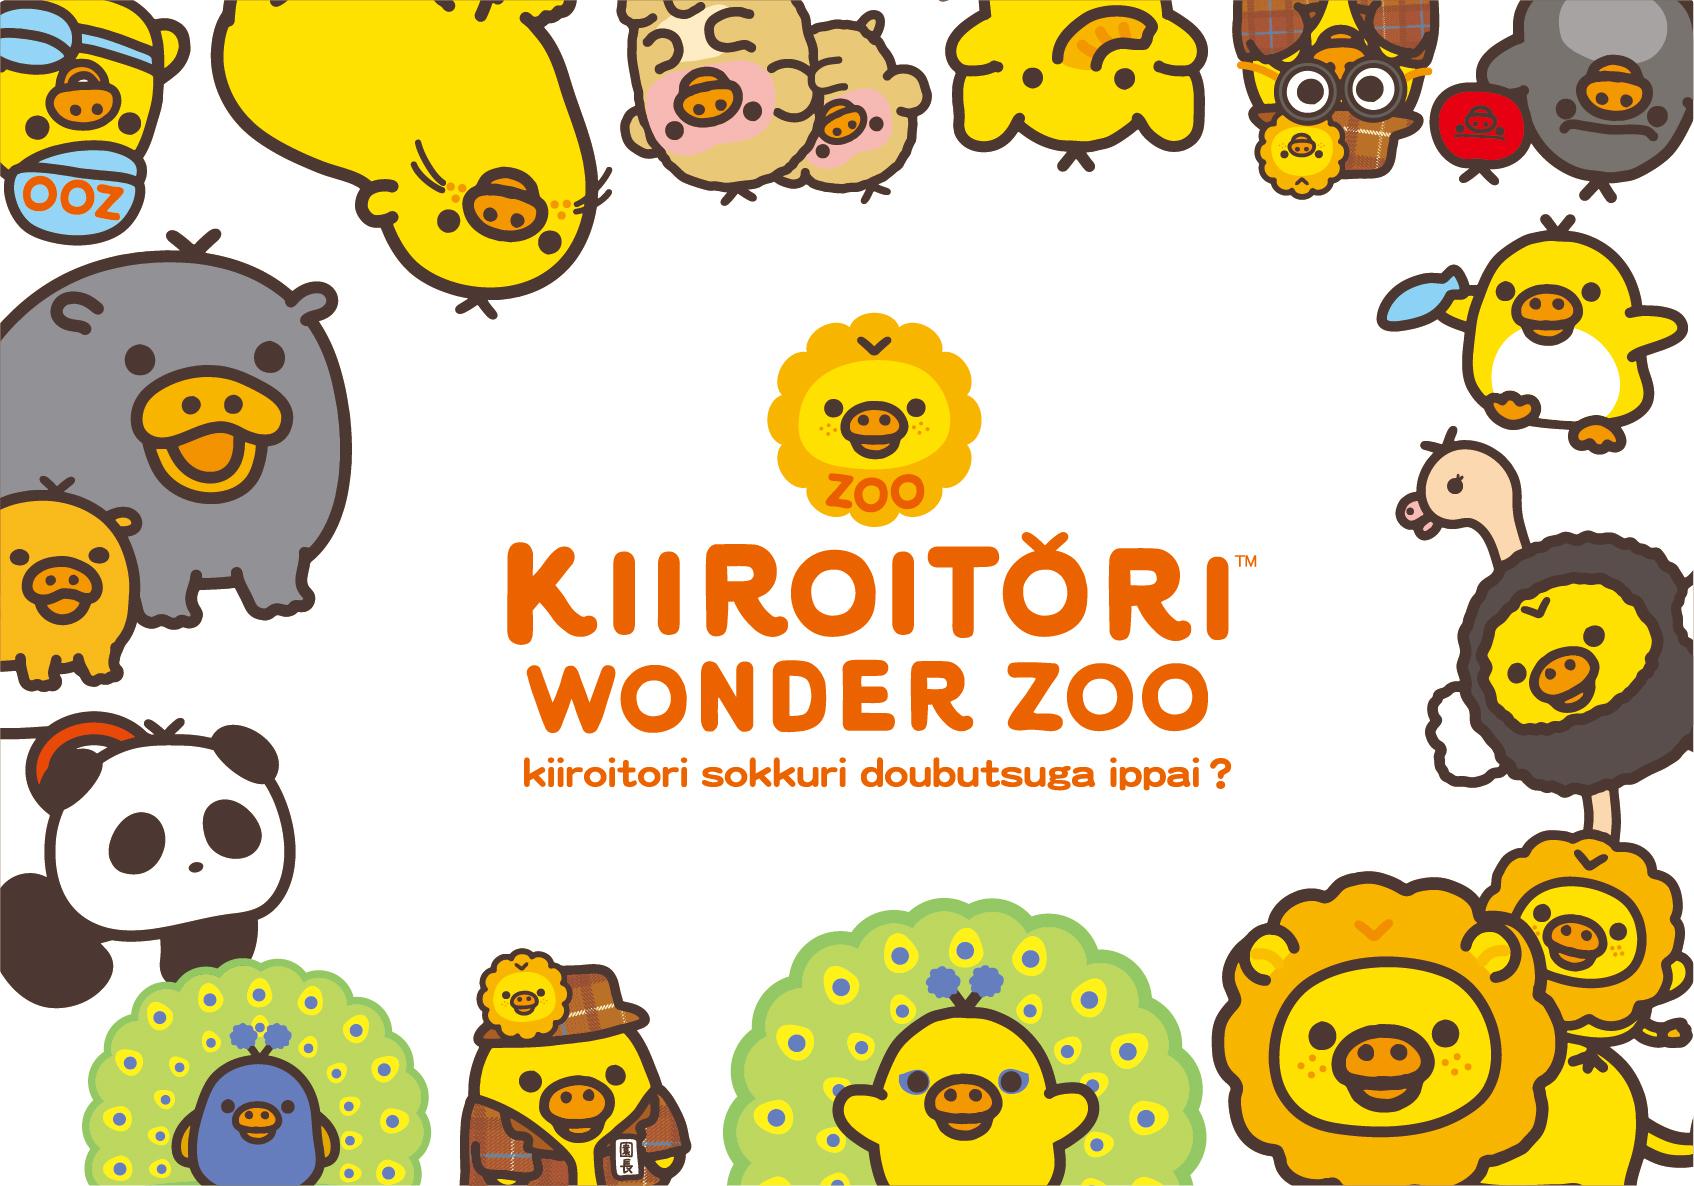 「リラックマ」トリ以外のキイロイトリもたくさん集まる「キイロイトリ ワンダーZOO」!東京駅に期間限定ショップオープン